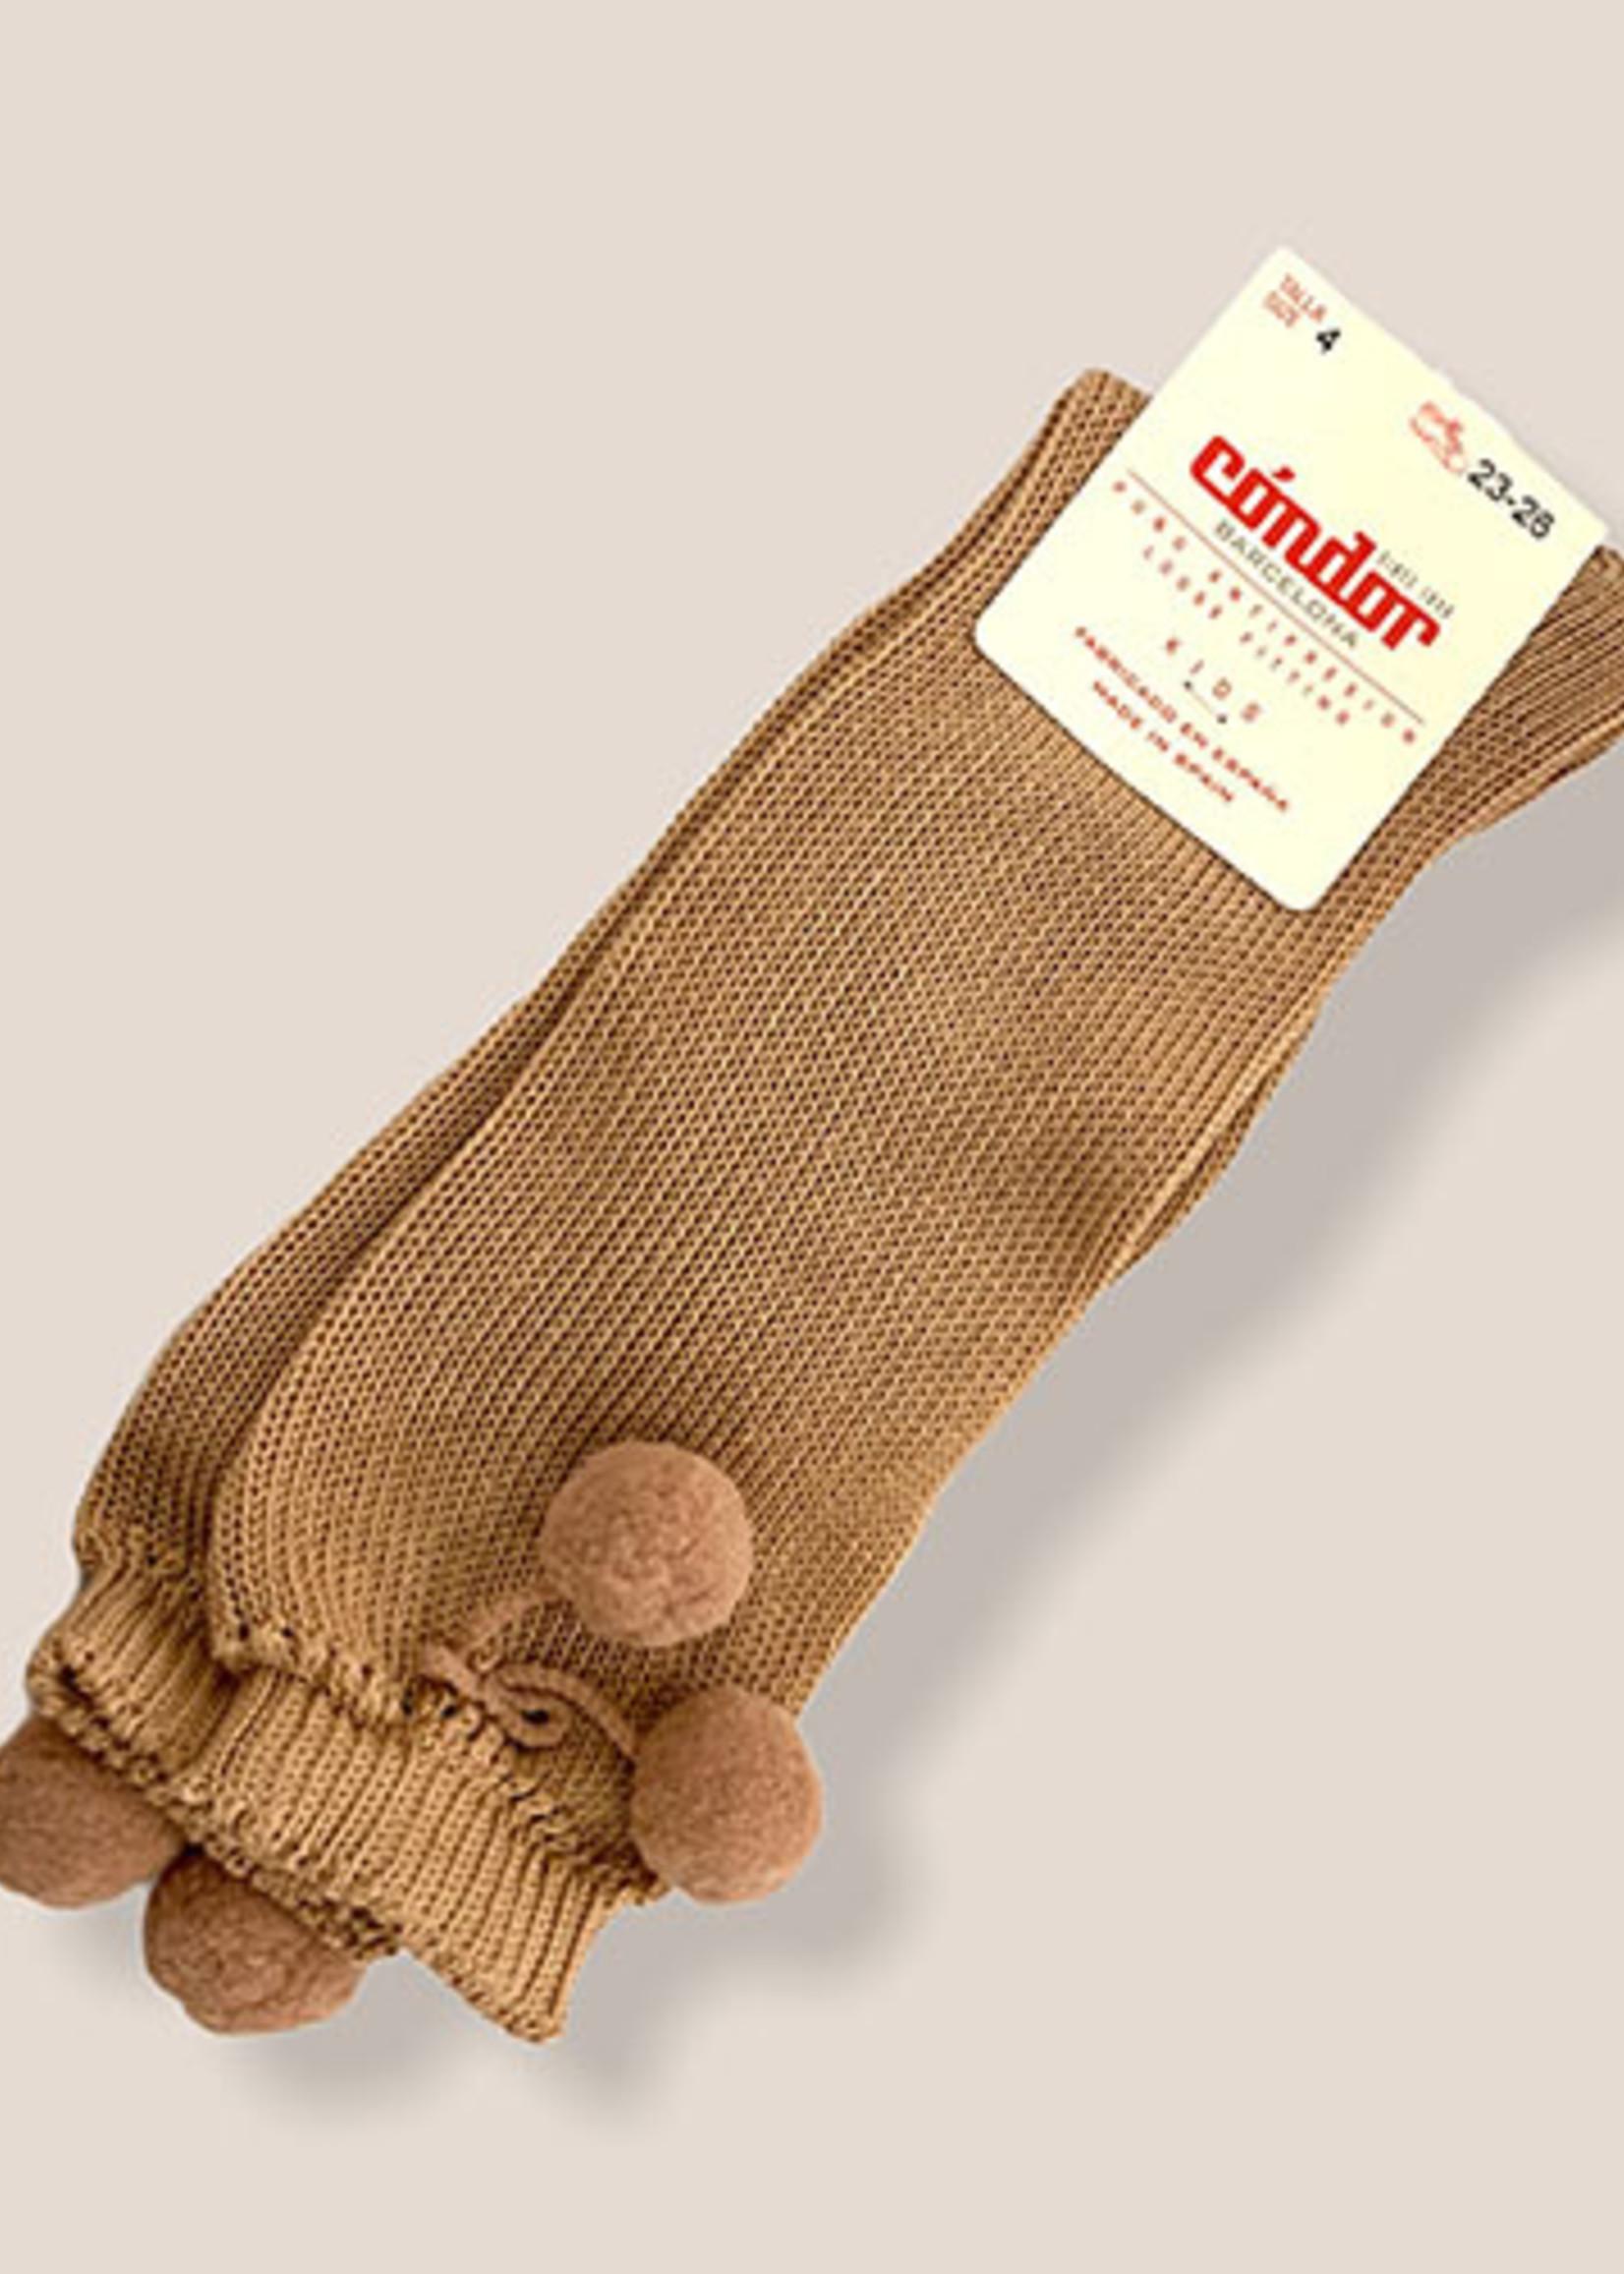 condor Condor-ss21 2.504 perle knee high socks with pompoms